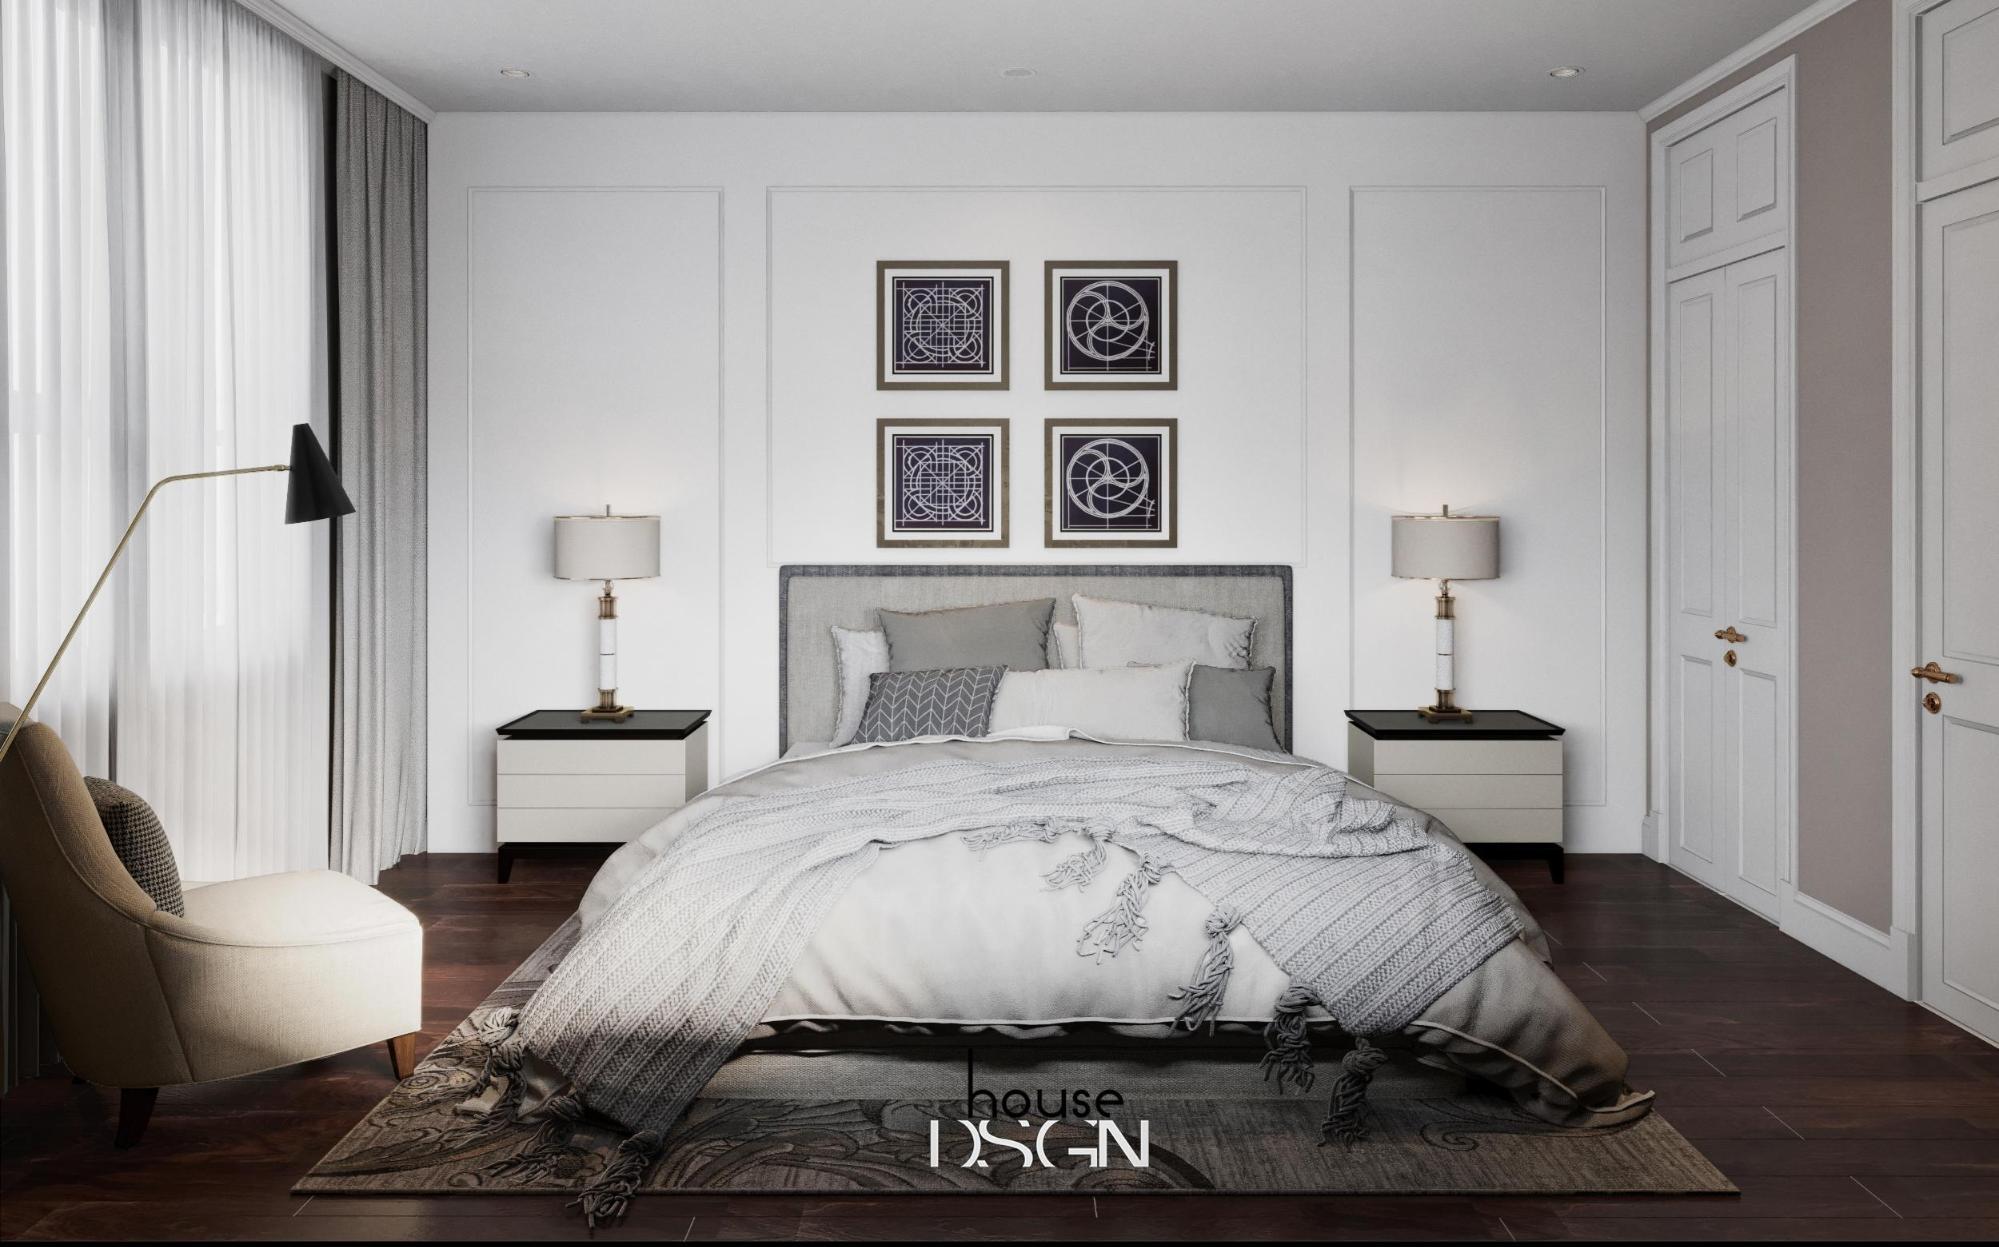 nội thất phong cách á đông cho phòng ngủ